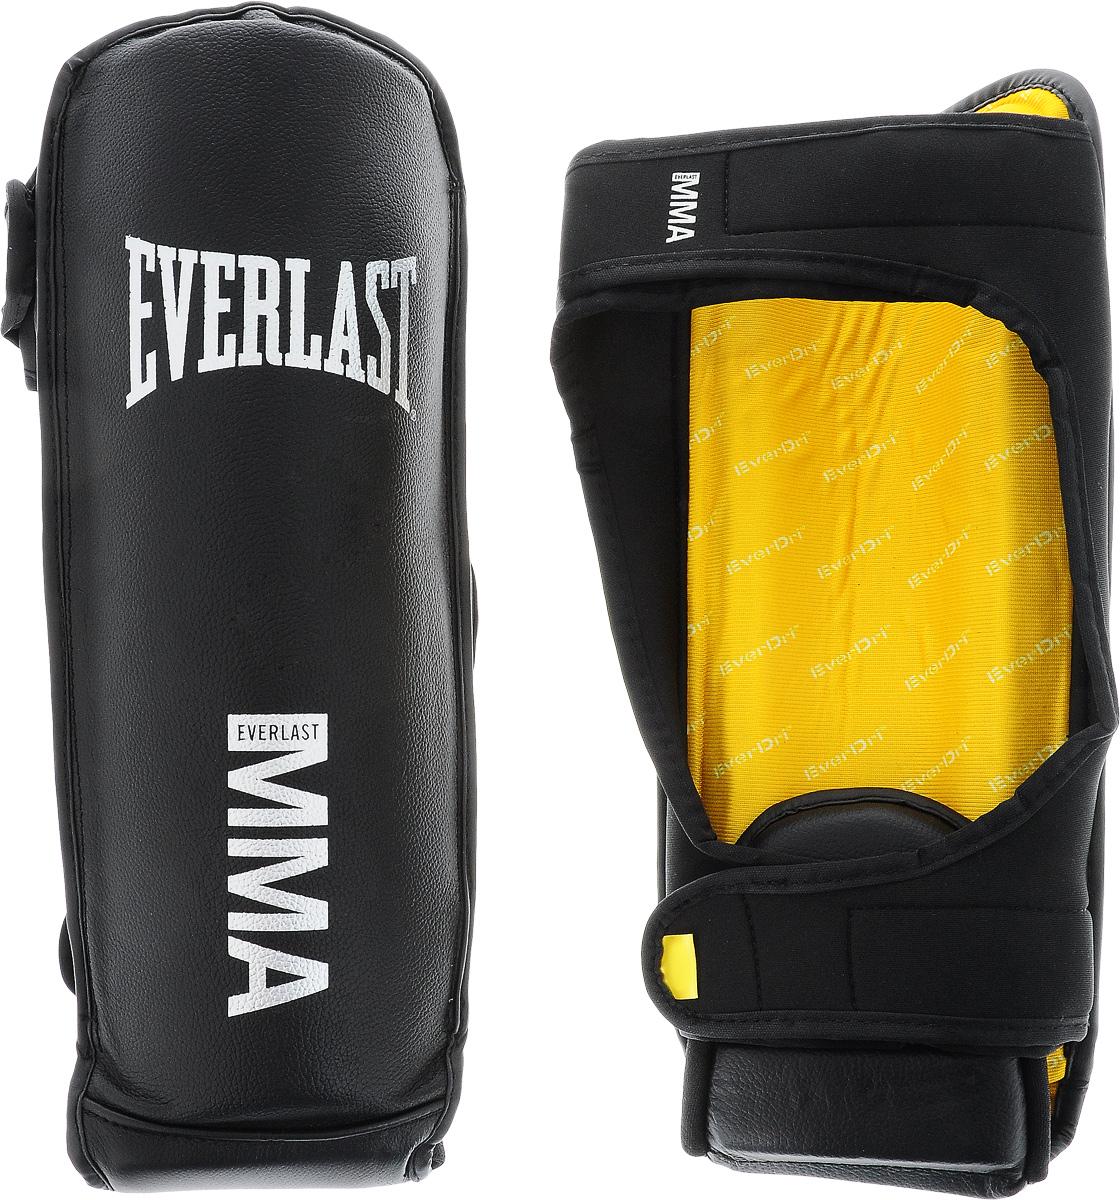 Защита голени и стопы Everlast Grappling, цвет: черный, светло-серый. Размер L/XL7950LXLUЗащита голени и стопы Everlast Grappling спроектирована специально для ММА. Верх выполнен из высококачественной натуральной кожи. Акцентированное расположение пенного наполнителя обеспечивает отличную защиту. Закрепляется на ноге при помощи ремня на липучке.